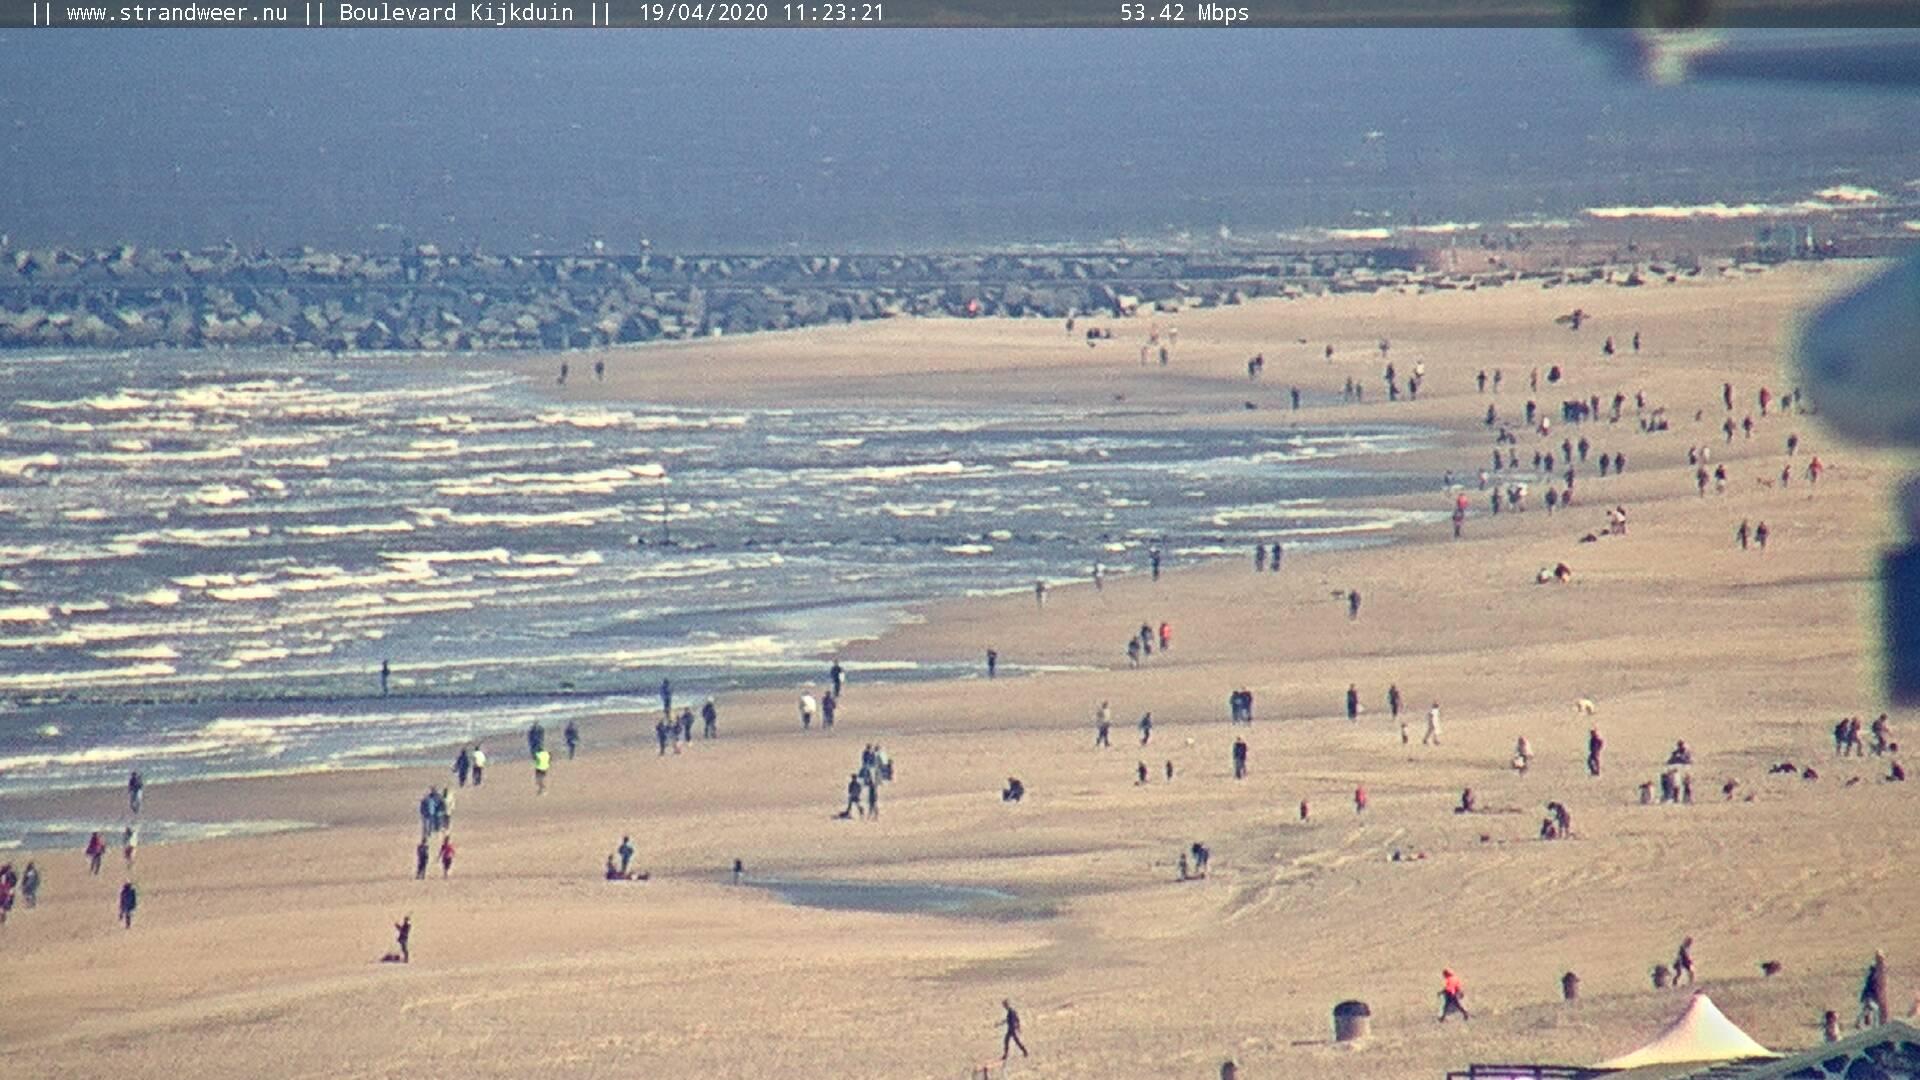 Het strandweer voor maandag 20 april